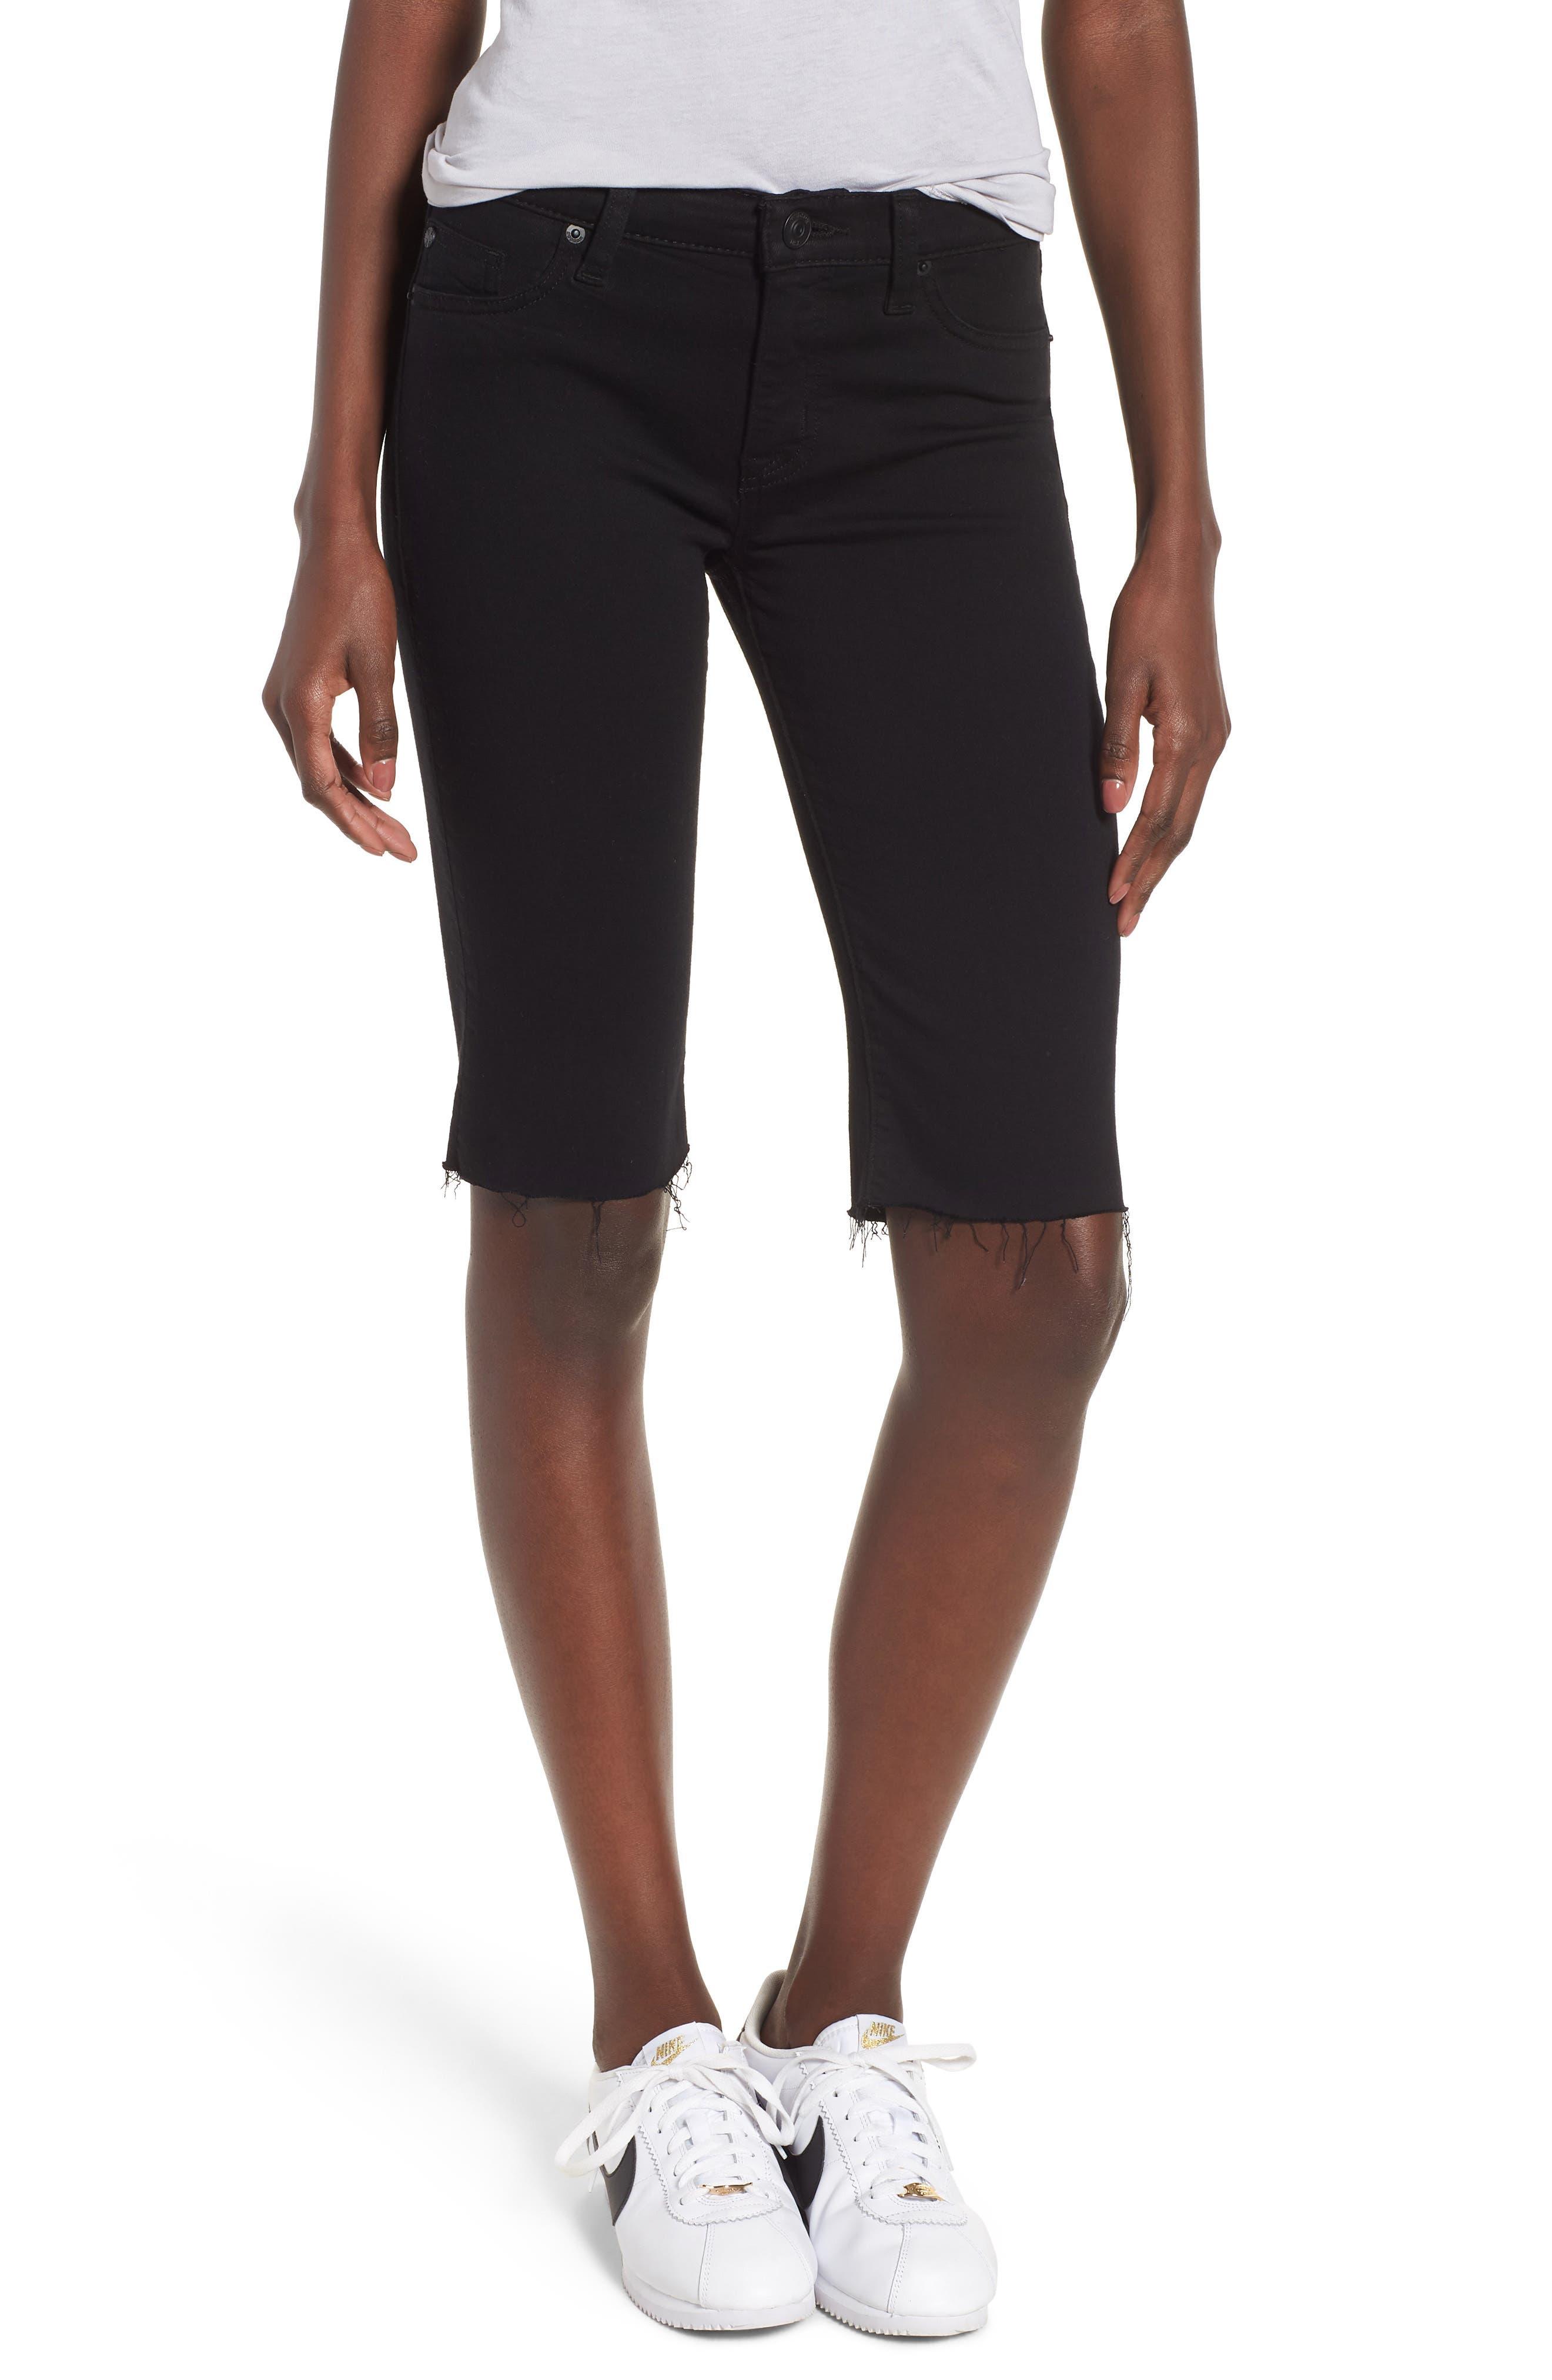 Amelia Cutoff Knee Shorts,                         Main,                         color, Black